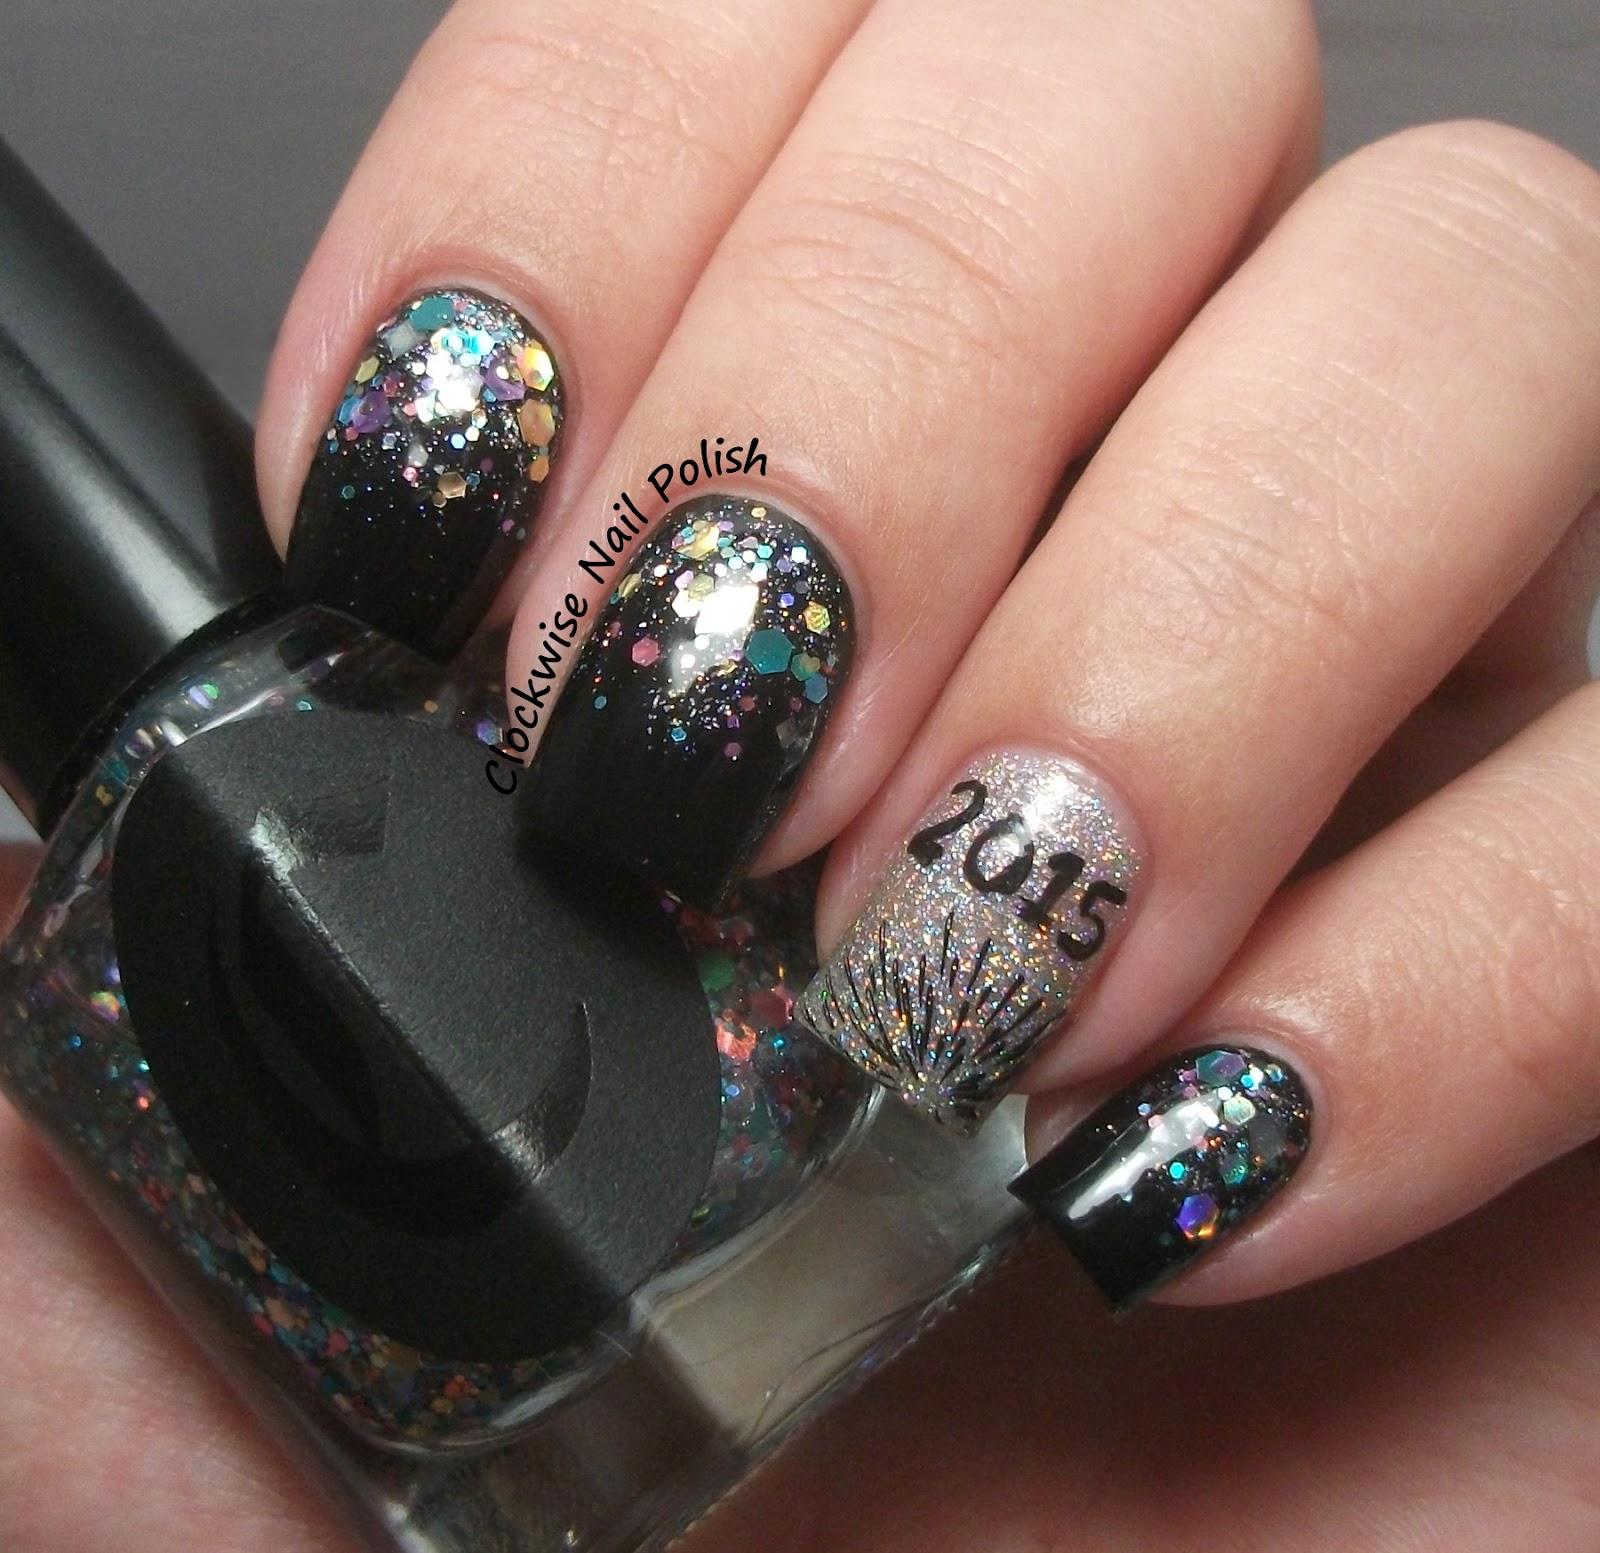 The Clockwise Nail Polish: New Year's Eve 2014 Nail Art